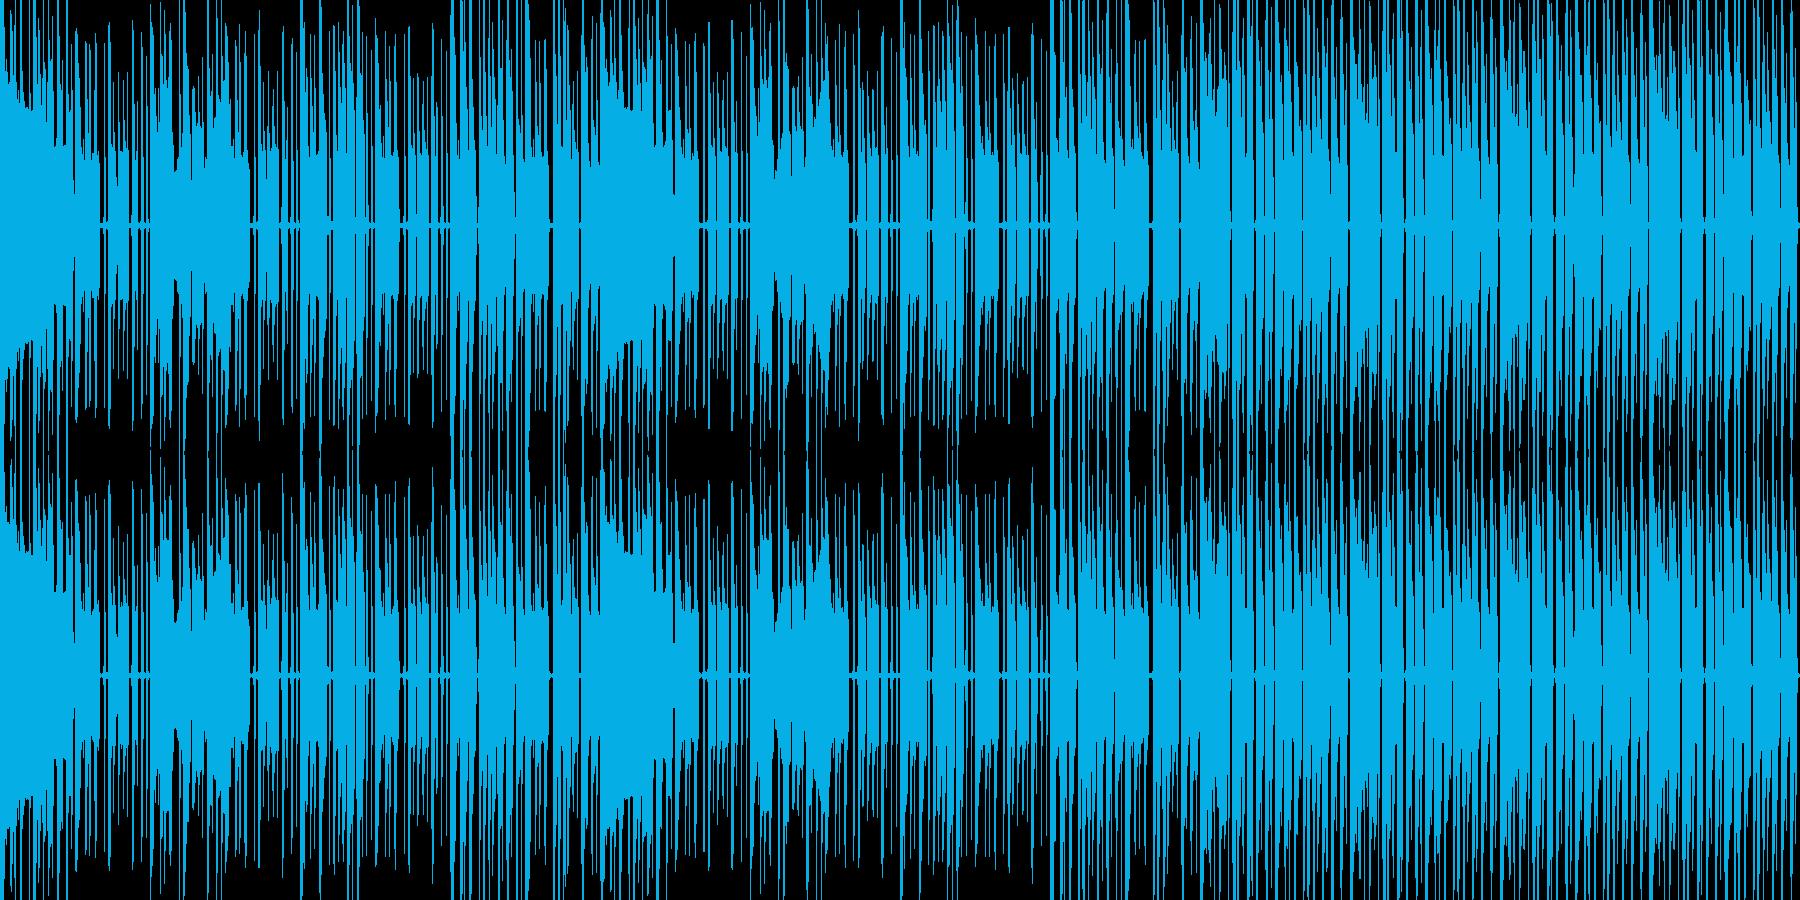 【ゲームボーイサウンド・チップチューン】の再生済みの波形